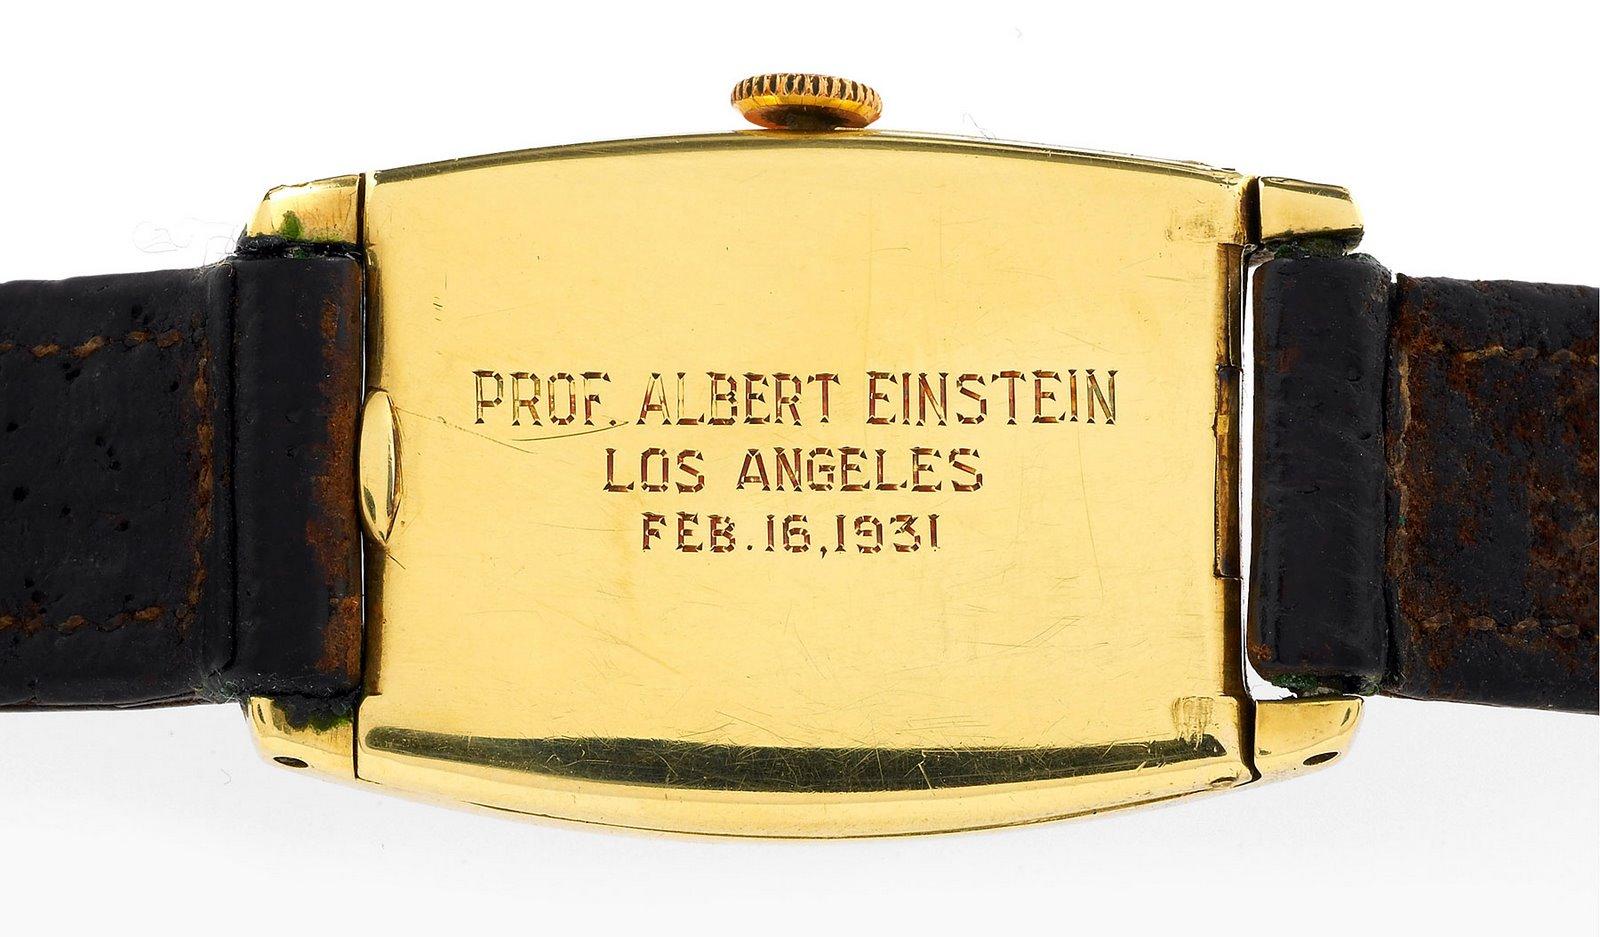 """Гравірування на задній частині корпусу золотого Longines """"Професор Альберт Ейнштейн, Лос-Анджелес, 16 лютого 1931"""""""